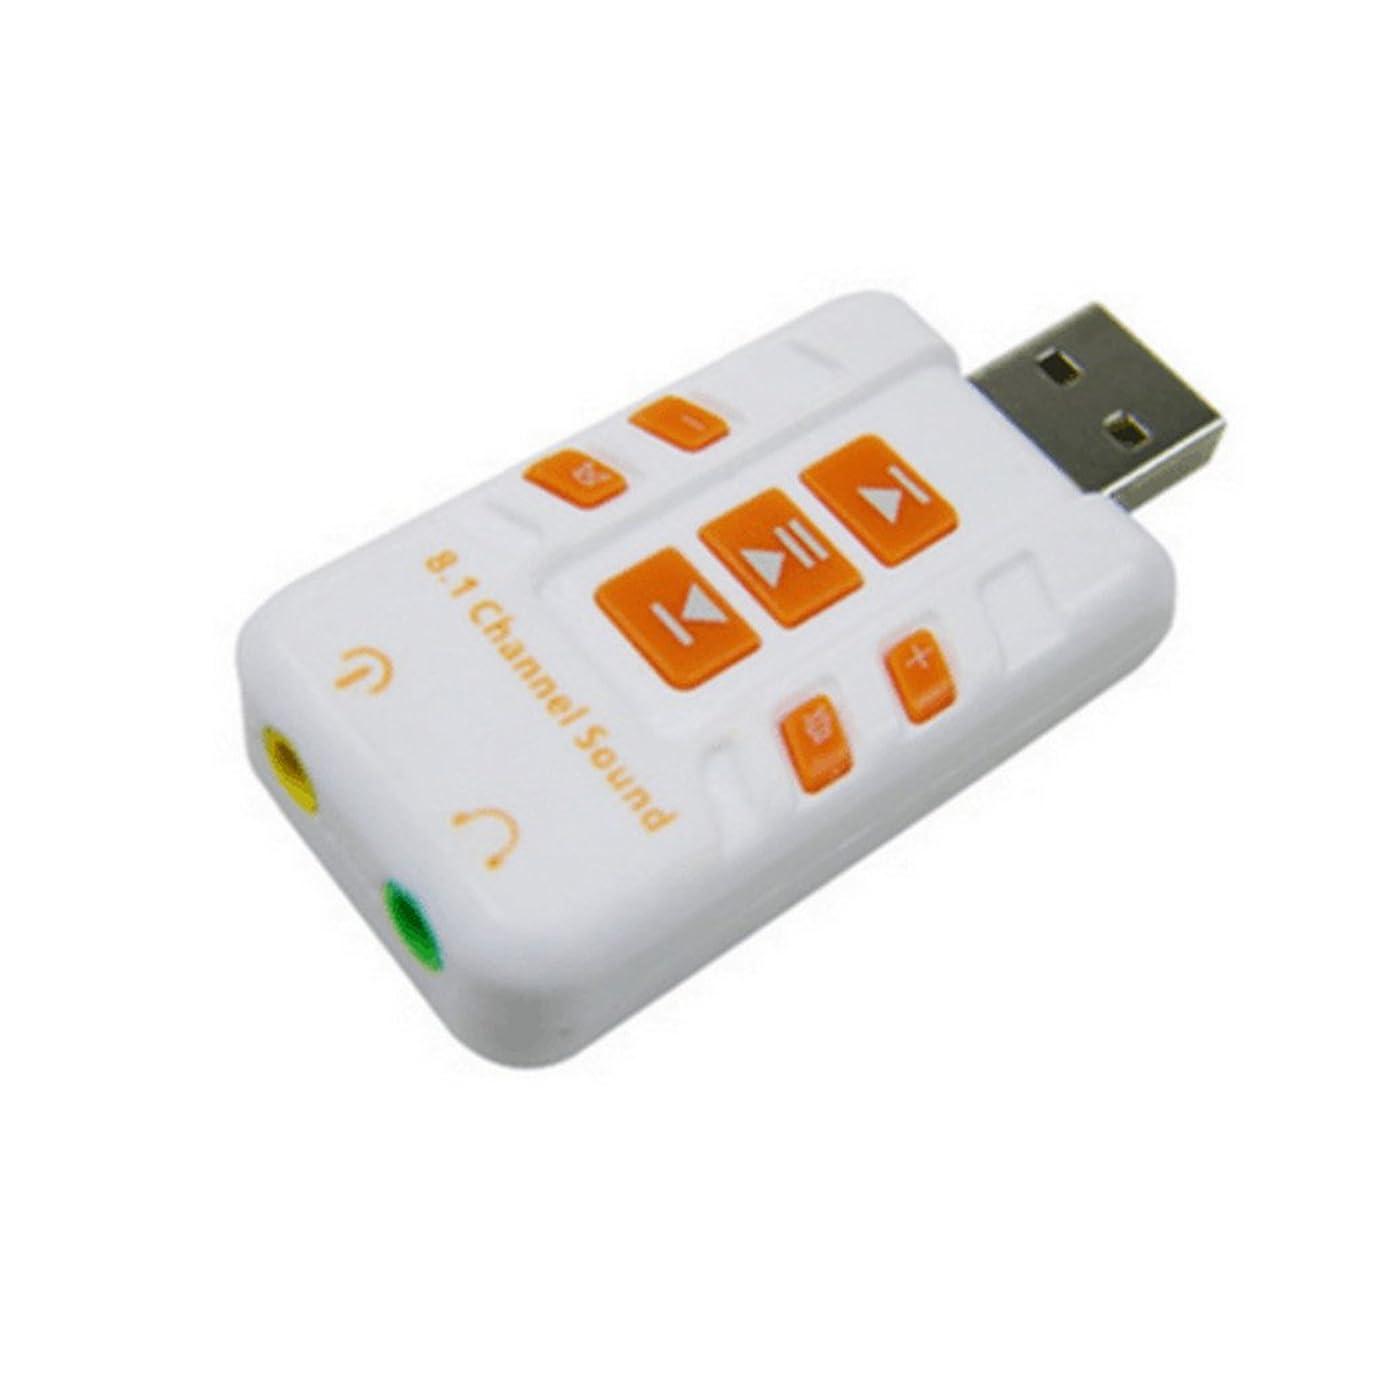 獣おそらく推論【ノーブランド品】コンピュータPC バーチャル 8.1 CHサウンドカード用 USB DACヘッドフォンアンプ ホワイト